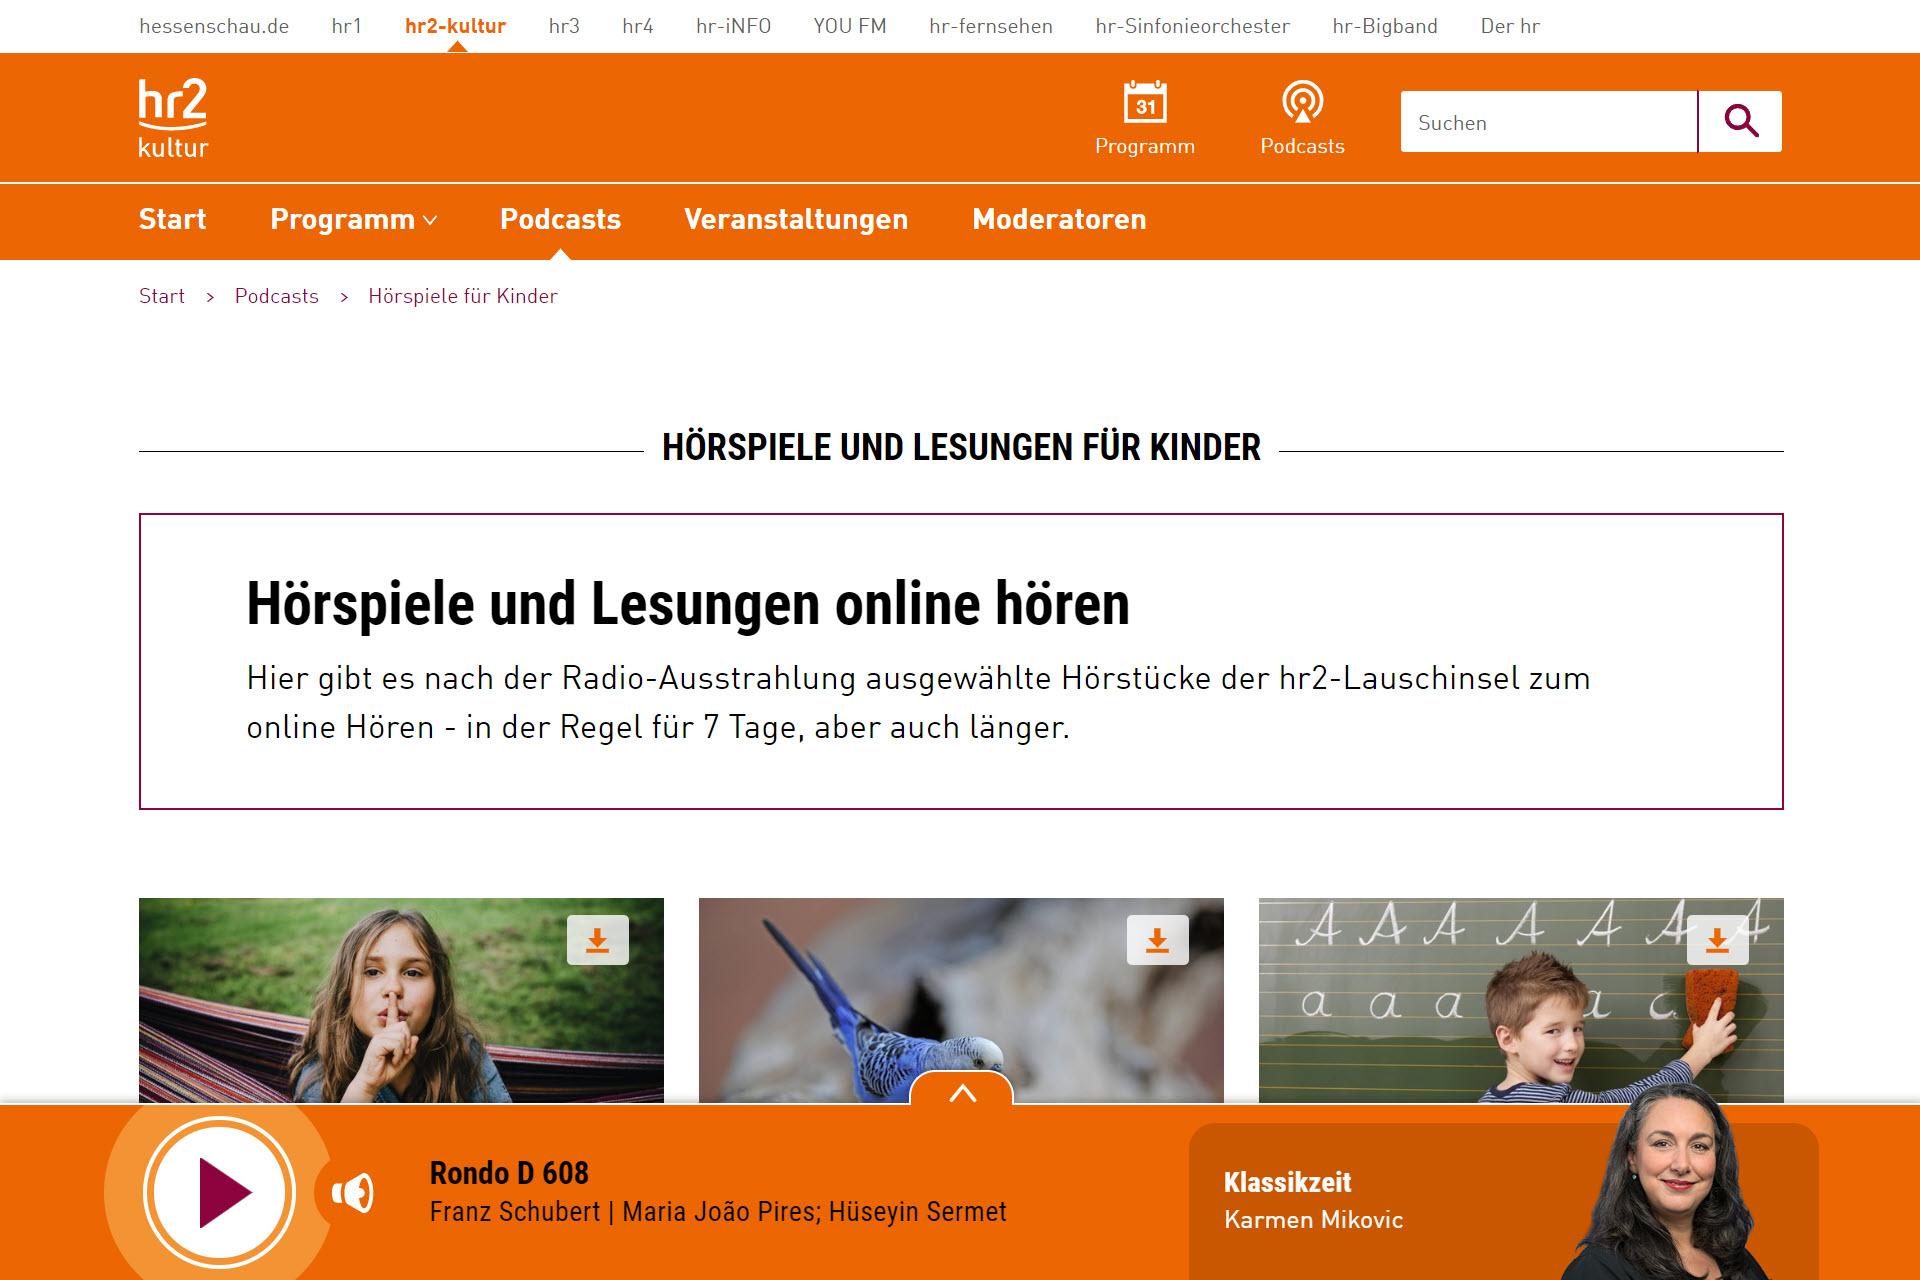 Screenshot Webseite hr2 Hörspiele (06.05.2020)